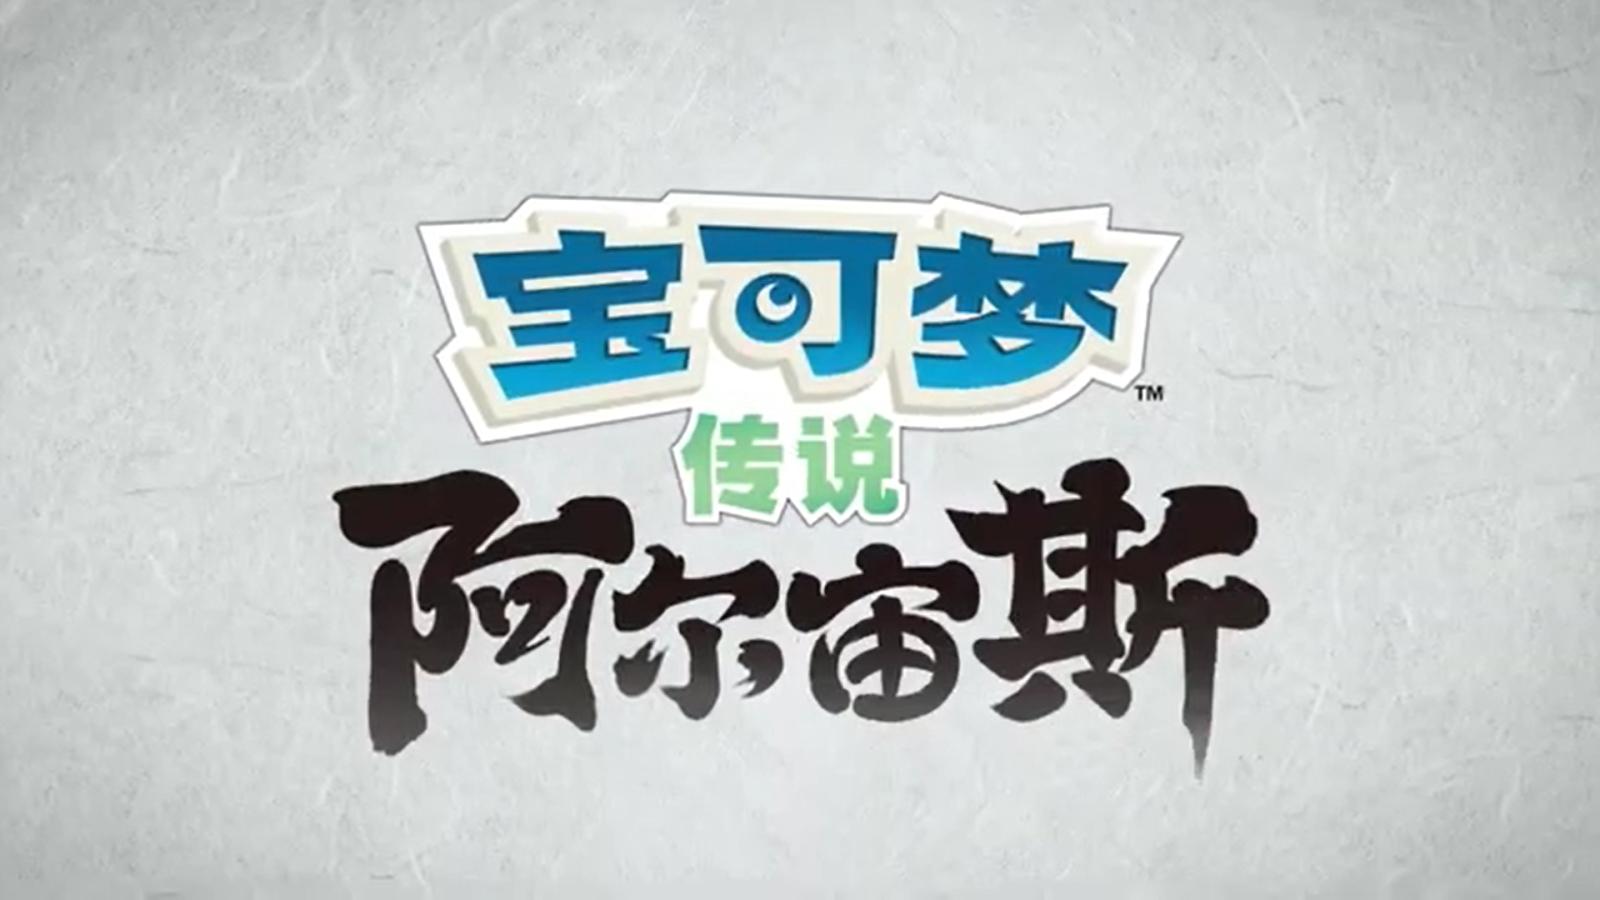 【宝可梦Presents】DP重制版公布,《宝可梦传说 阿尔宙斯》正式亮相